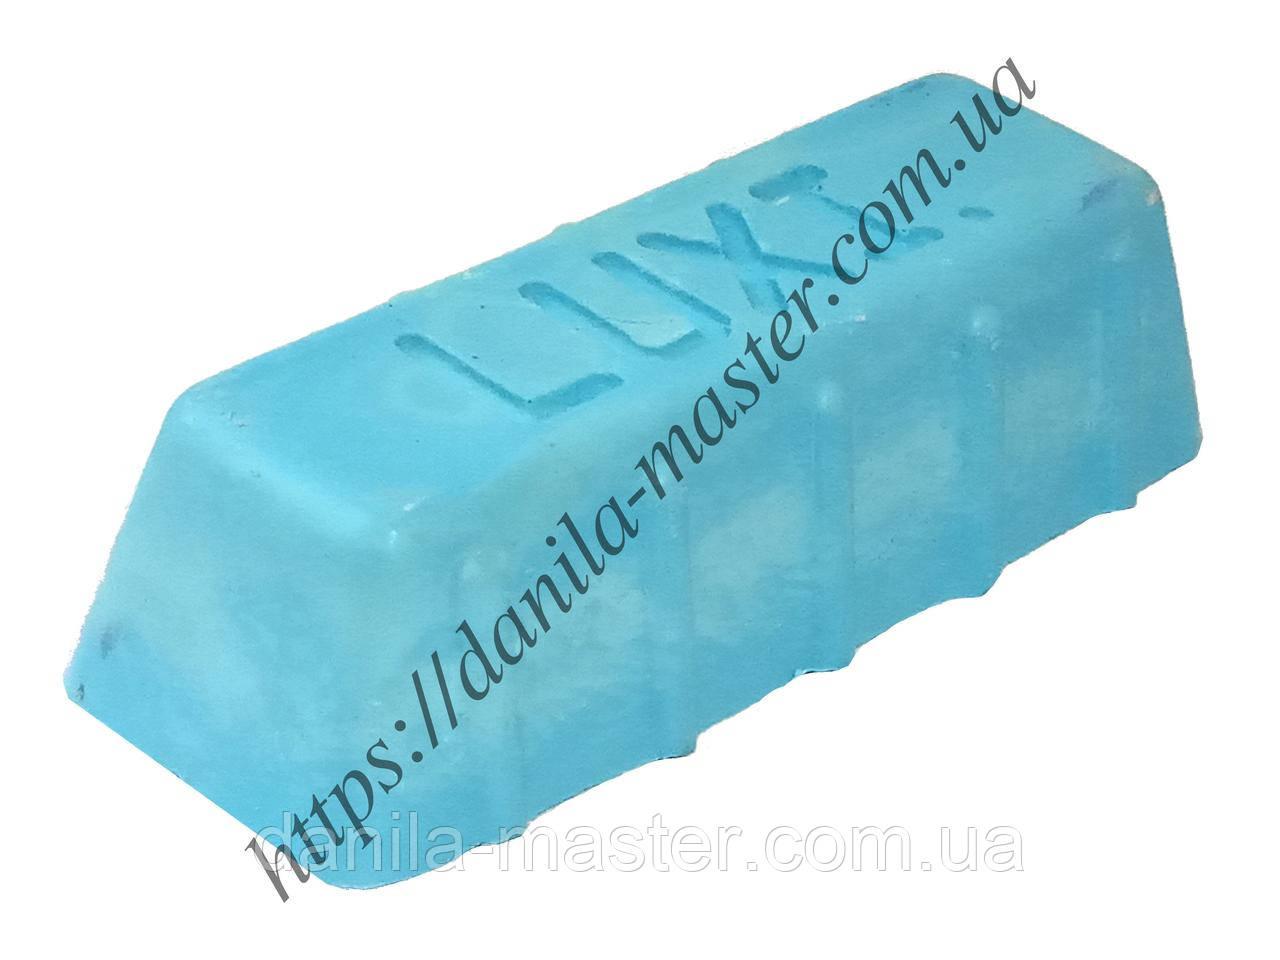 LUXI полировальная паста голубая